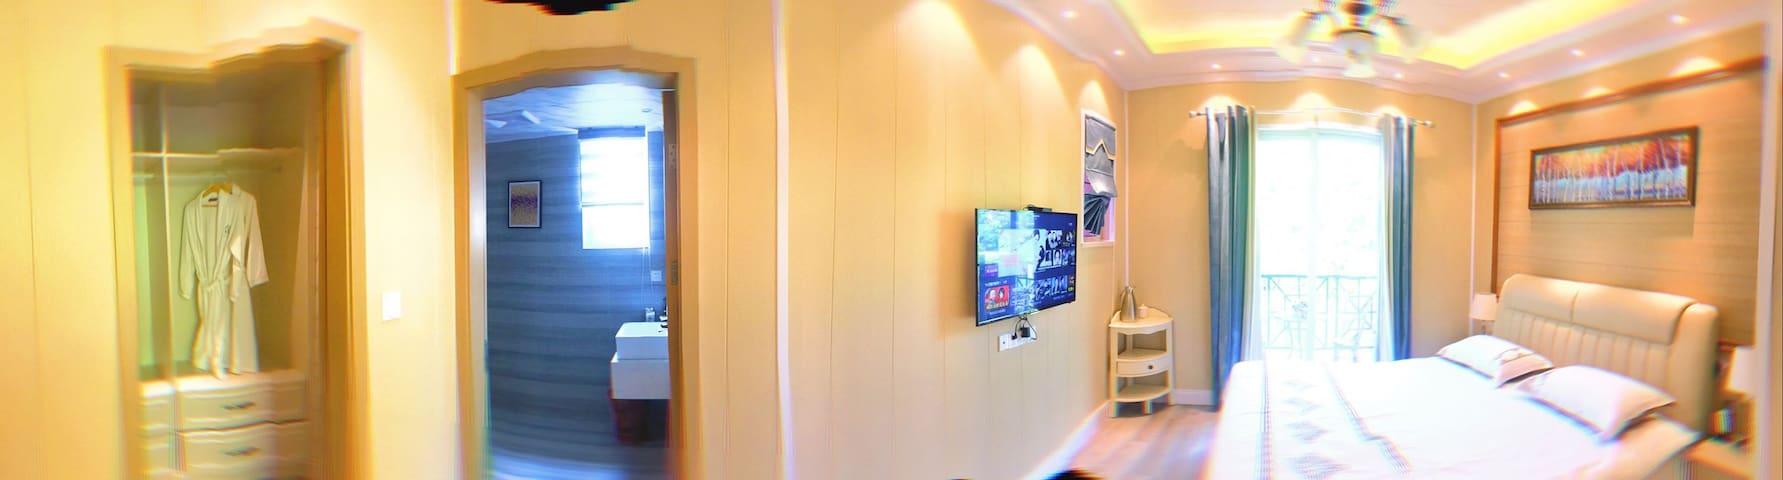 重庆南山风景区度假别墅、主题套房(江北机场、枇杷园、易汤温泉附近)